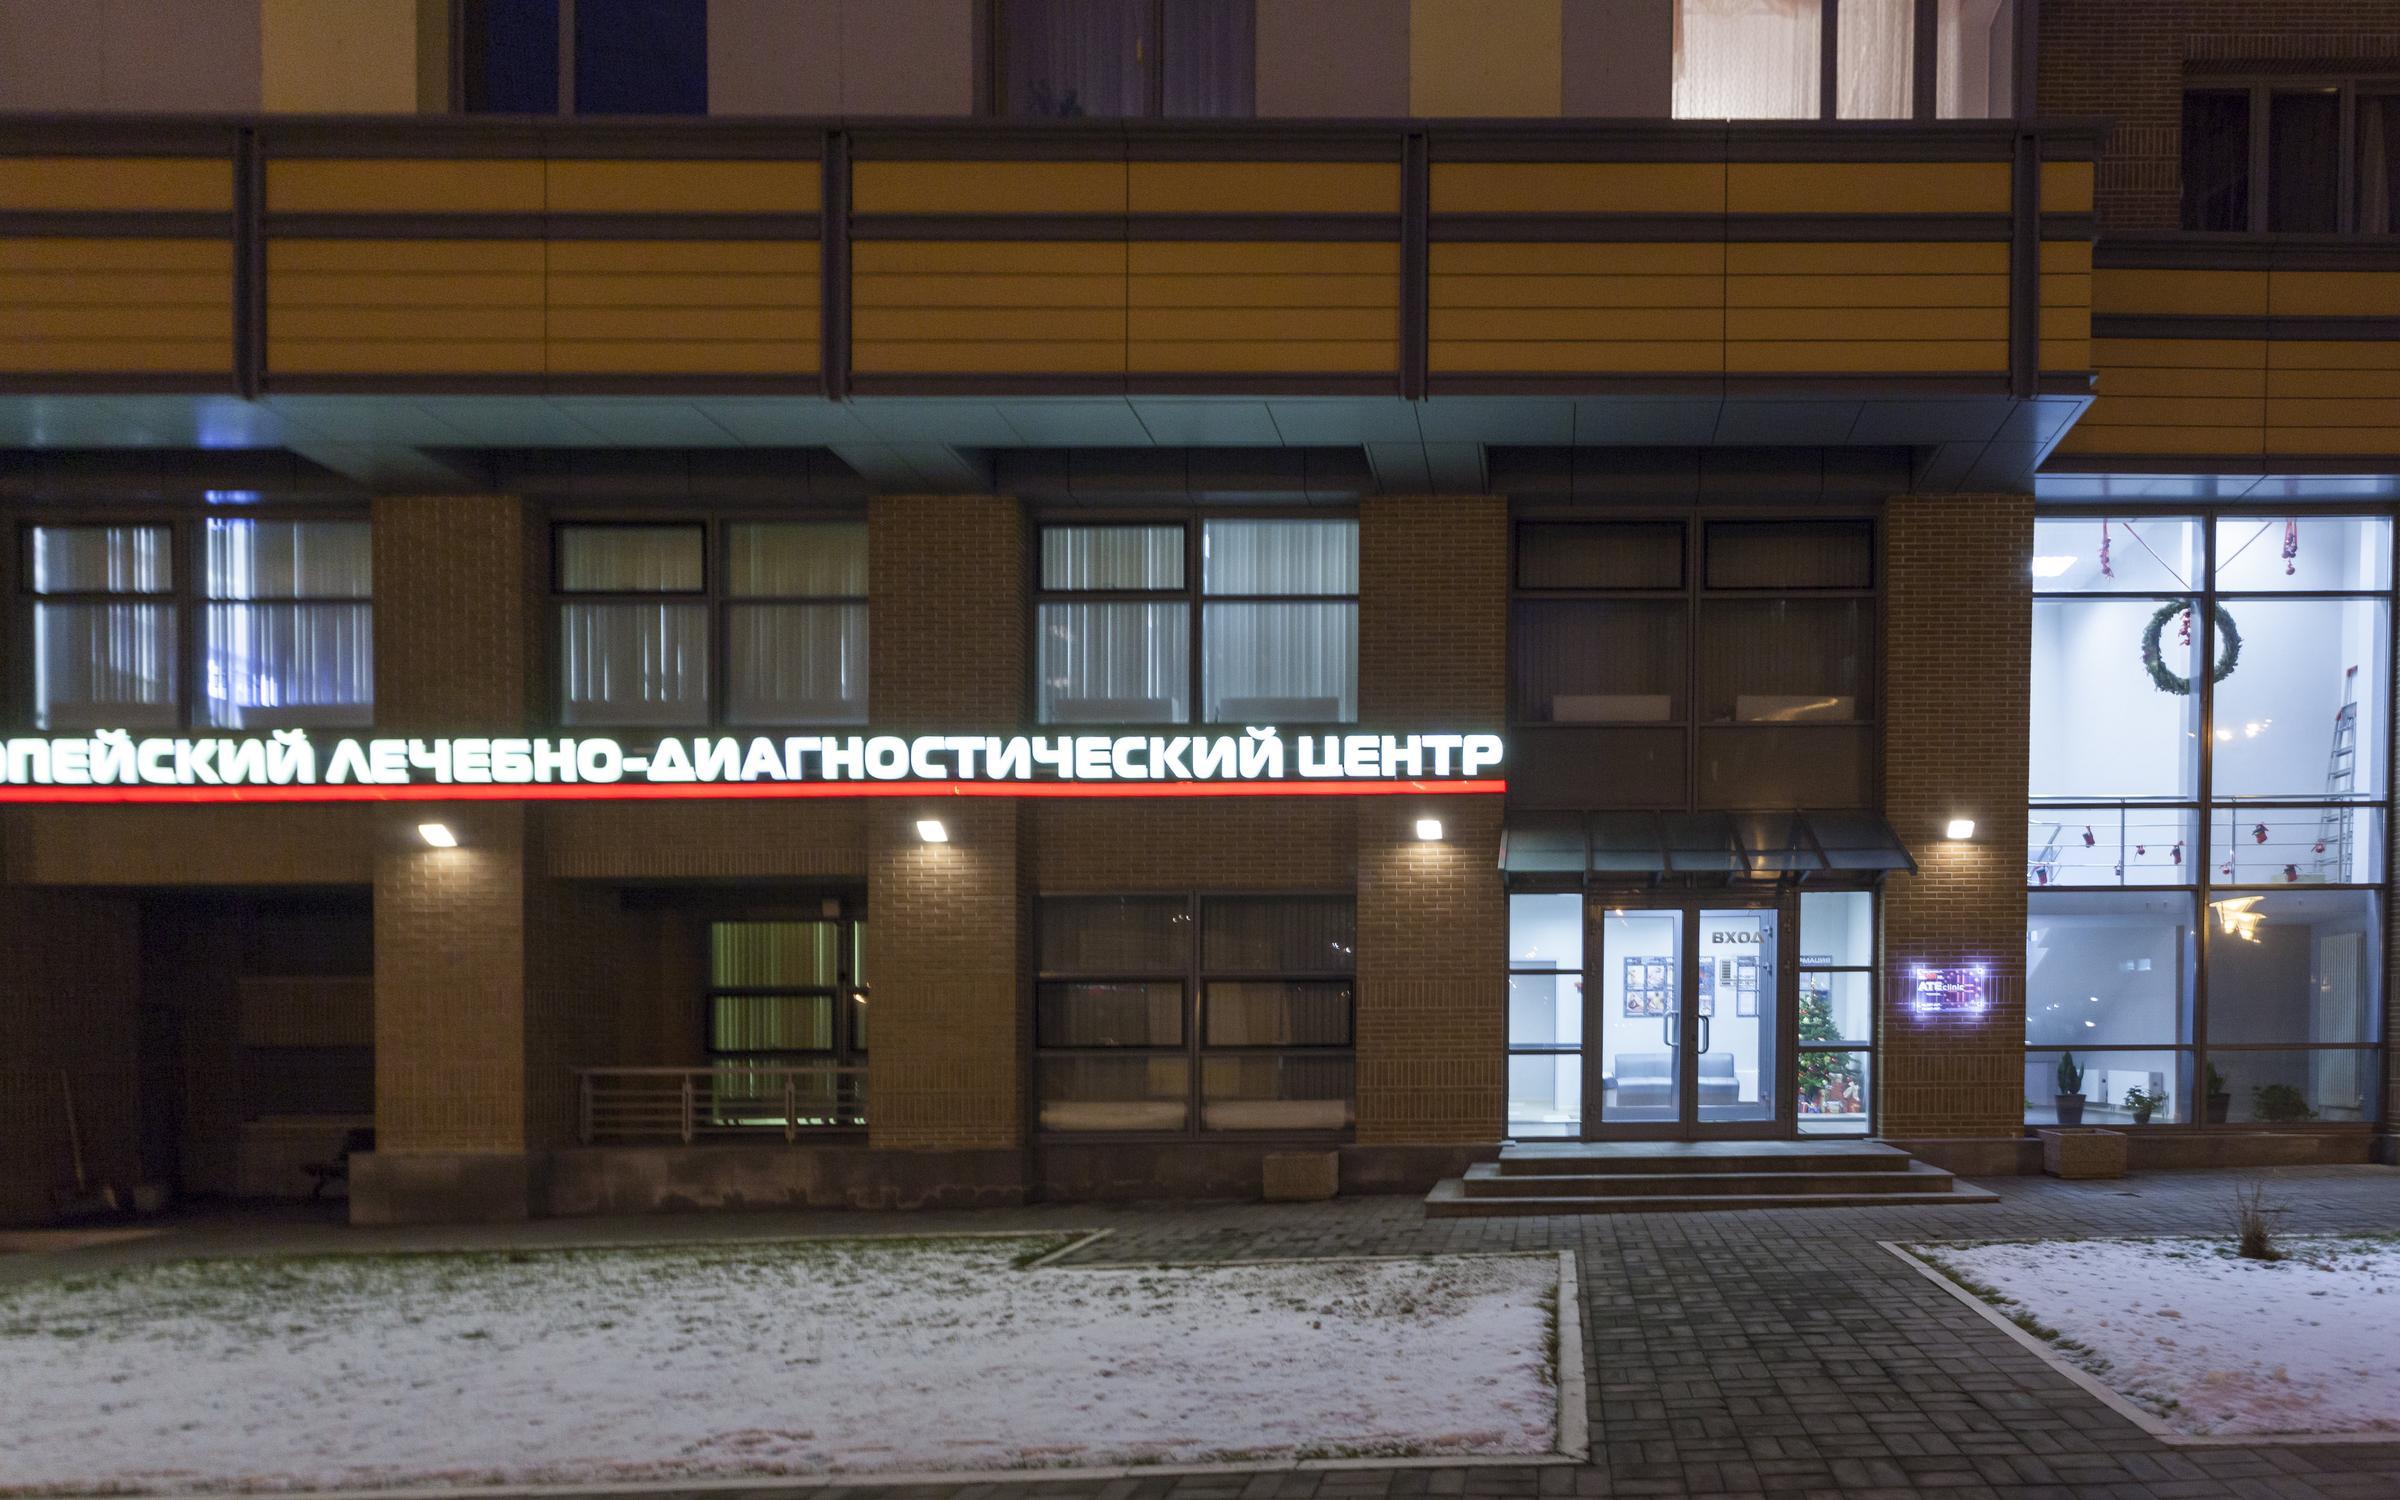 Запись на прием в краевой клинической больнице краснодара